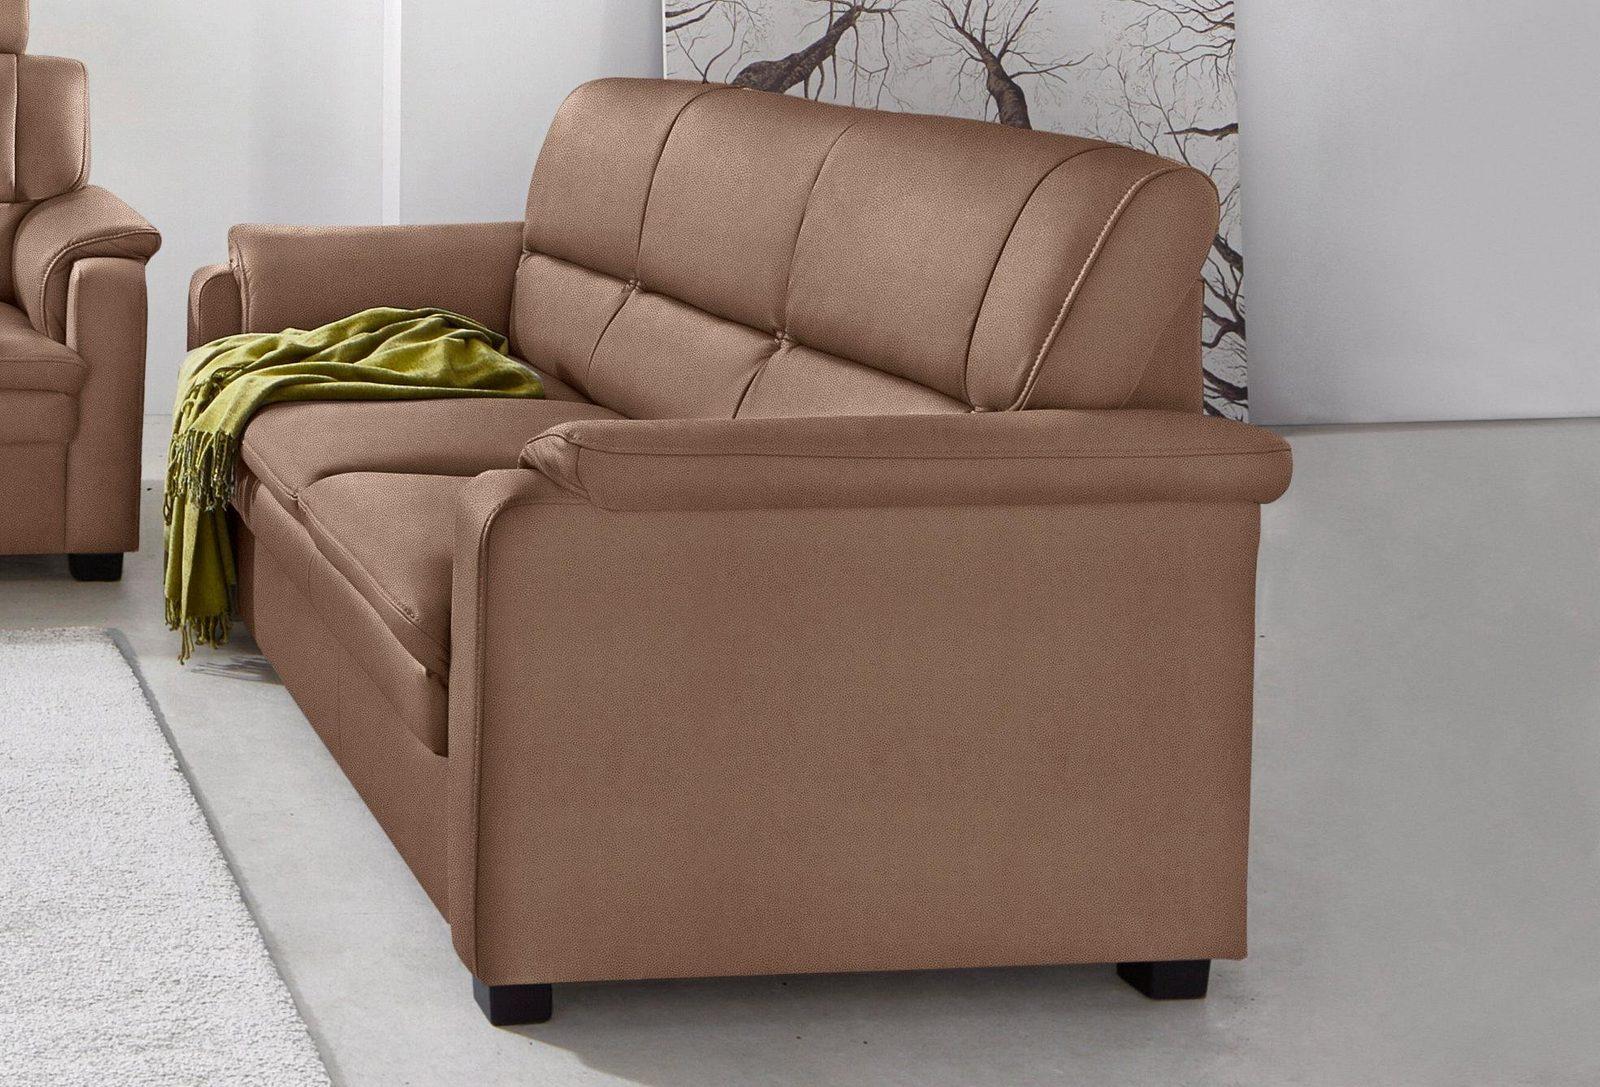 Raum.id 3-Sitzer, mit Federkern